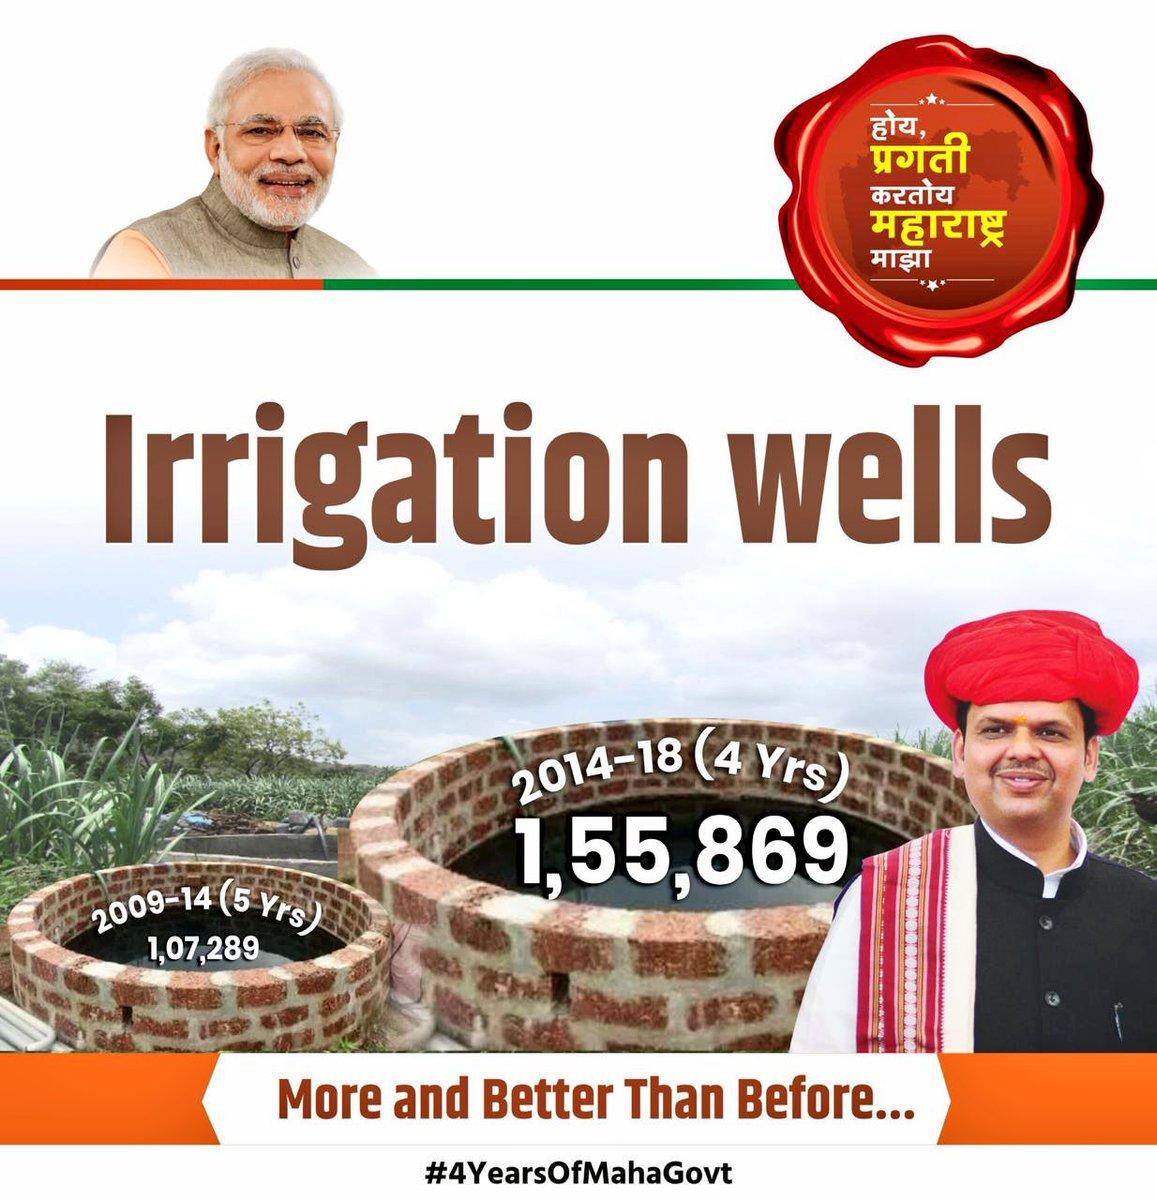 Irrigation wells: सिंचन विहिरी : Then 1,07,289 in 5 years ⬇️ & Now 1,55,869 in 4 years ⬆️ #पूर्वीपेक्षा_अधिक_पूर्वीपेक्षा_उत्तम #4YearsOfMahaGovt